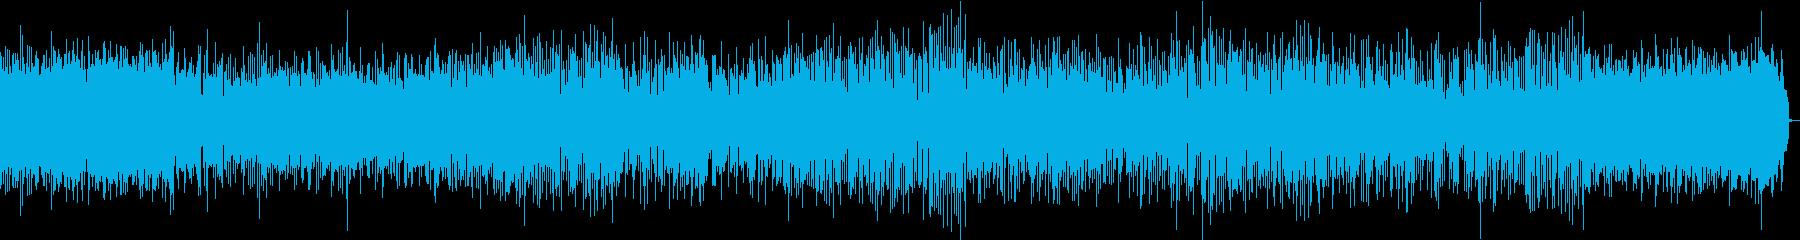 ジャズ・ブルースの定番の再生済みの波形